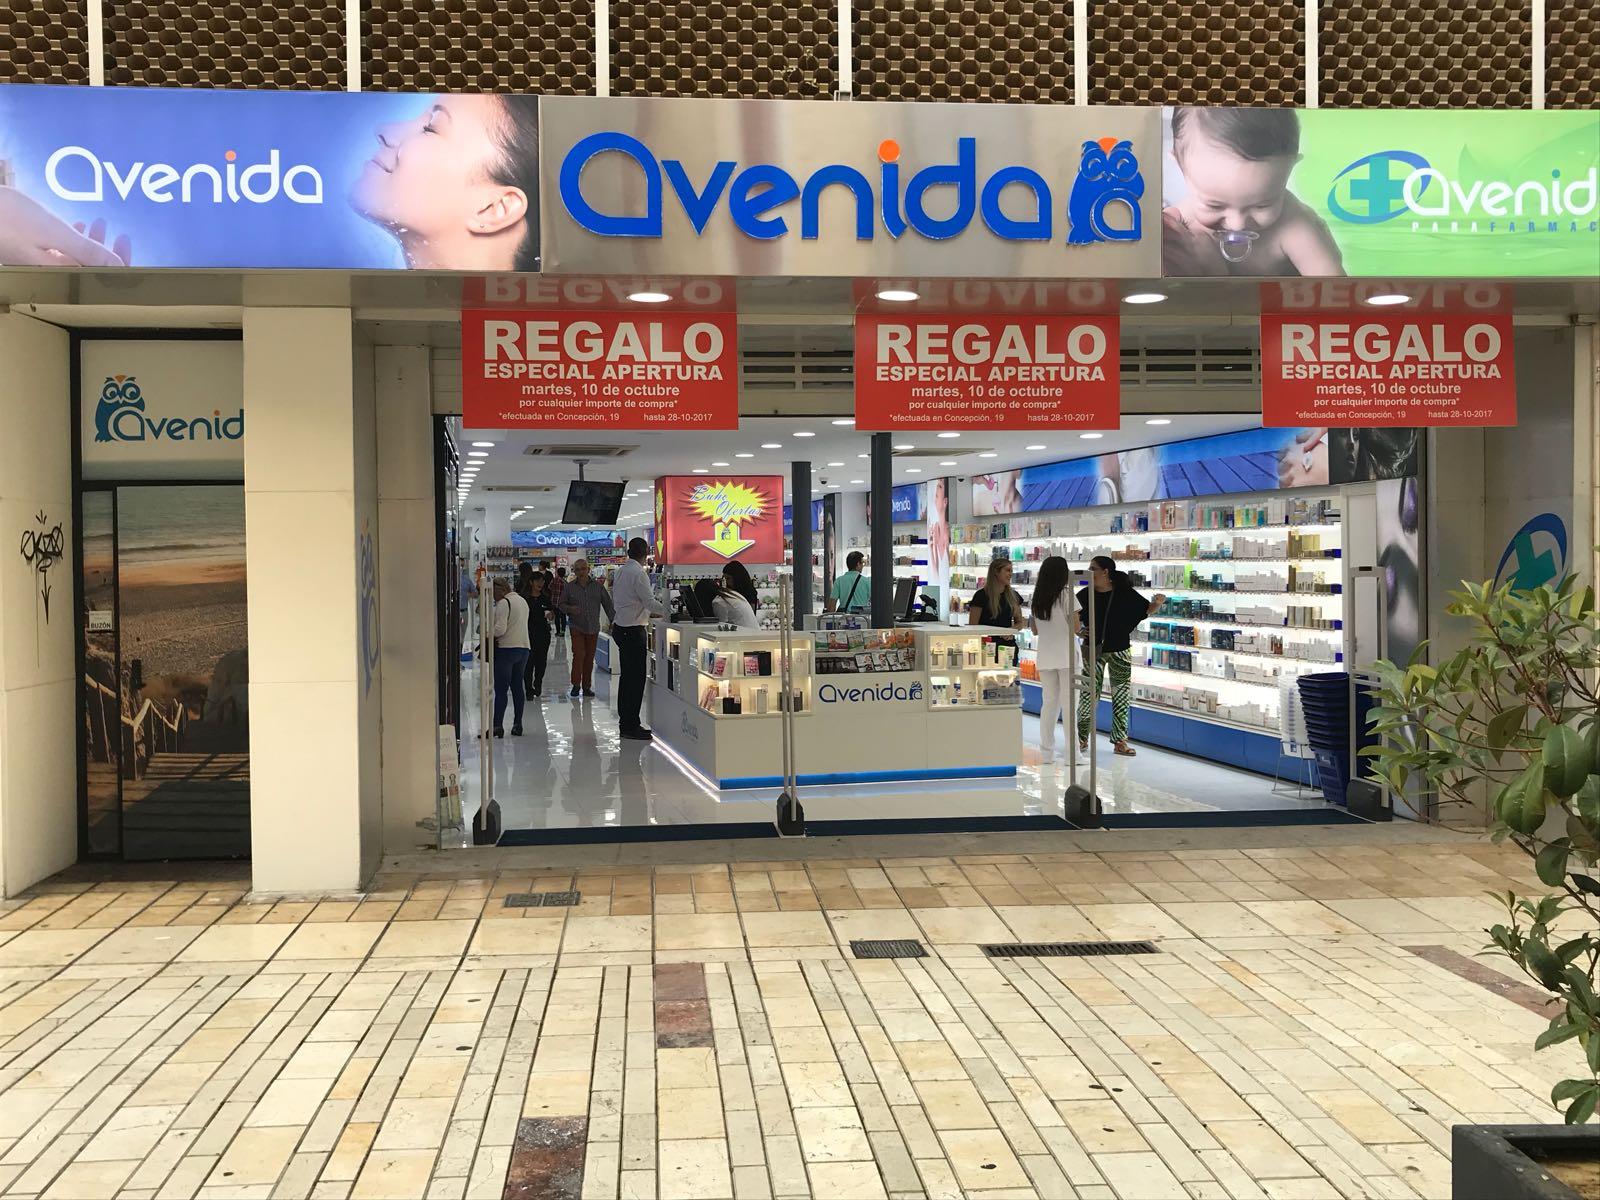 Perfumería Avenida en Huelva.